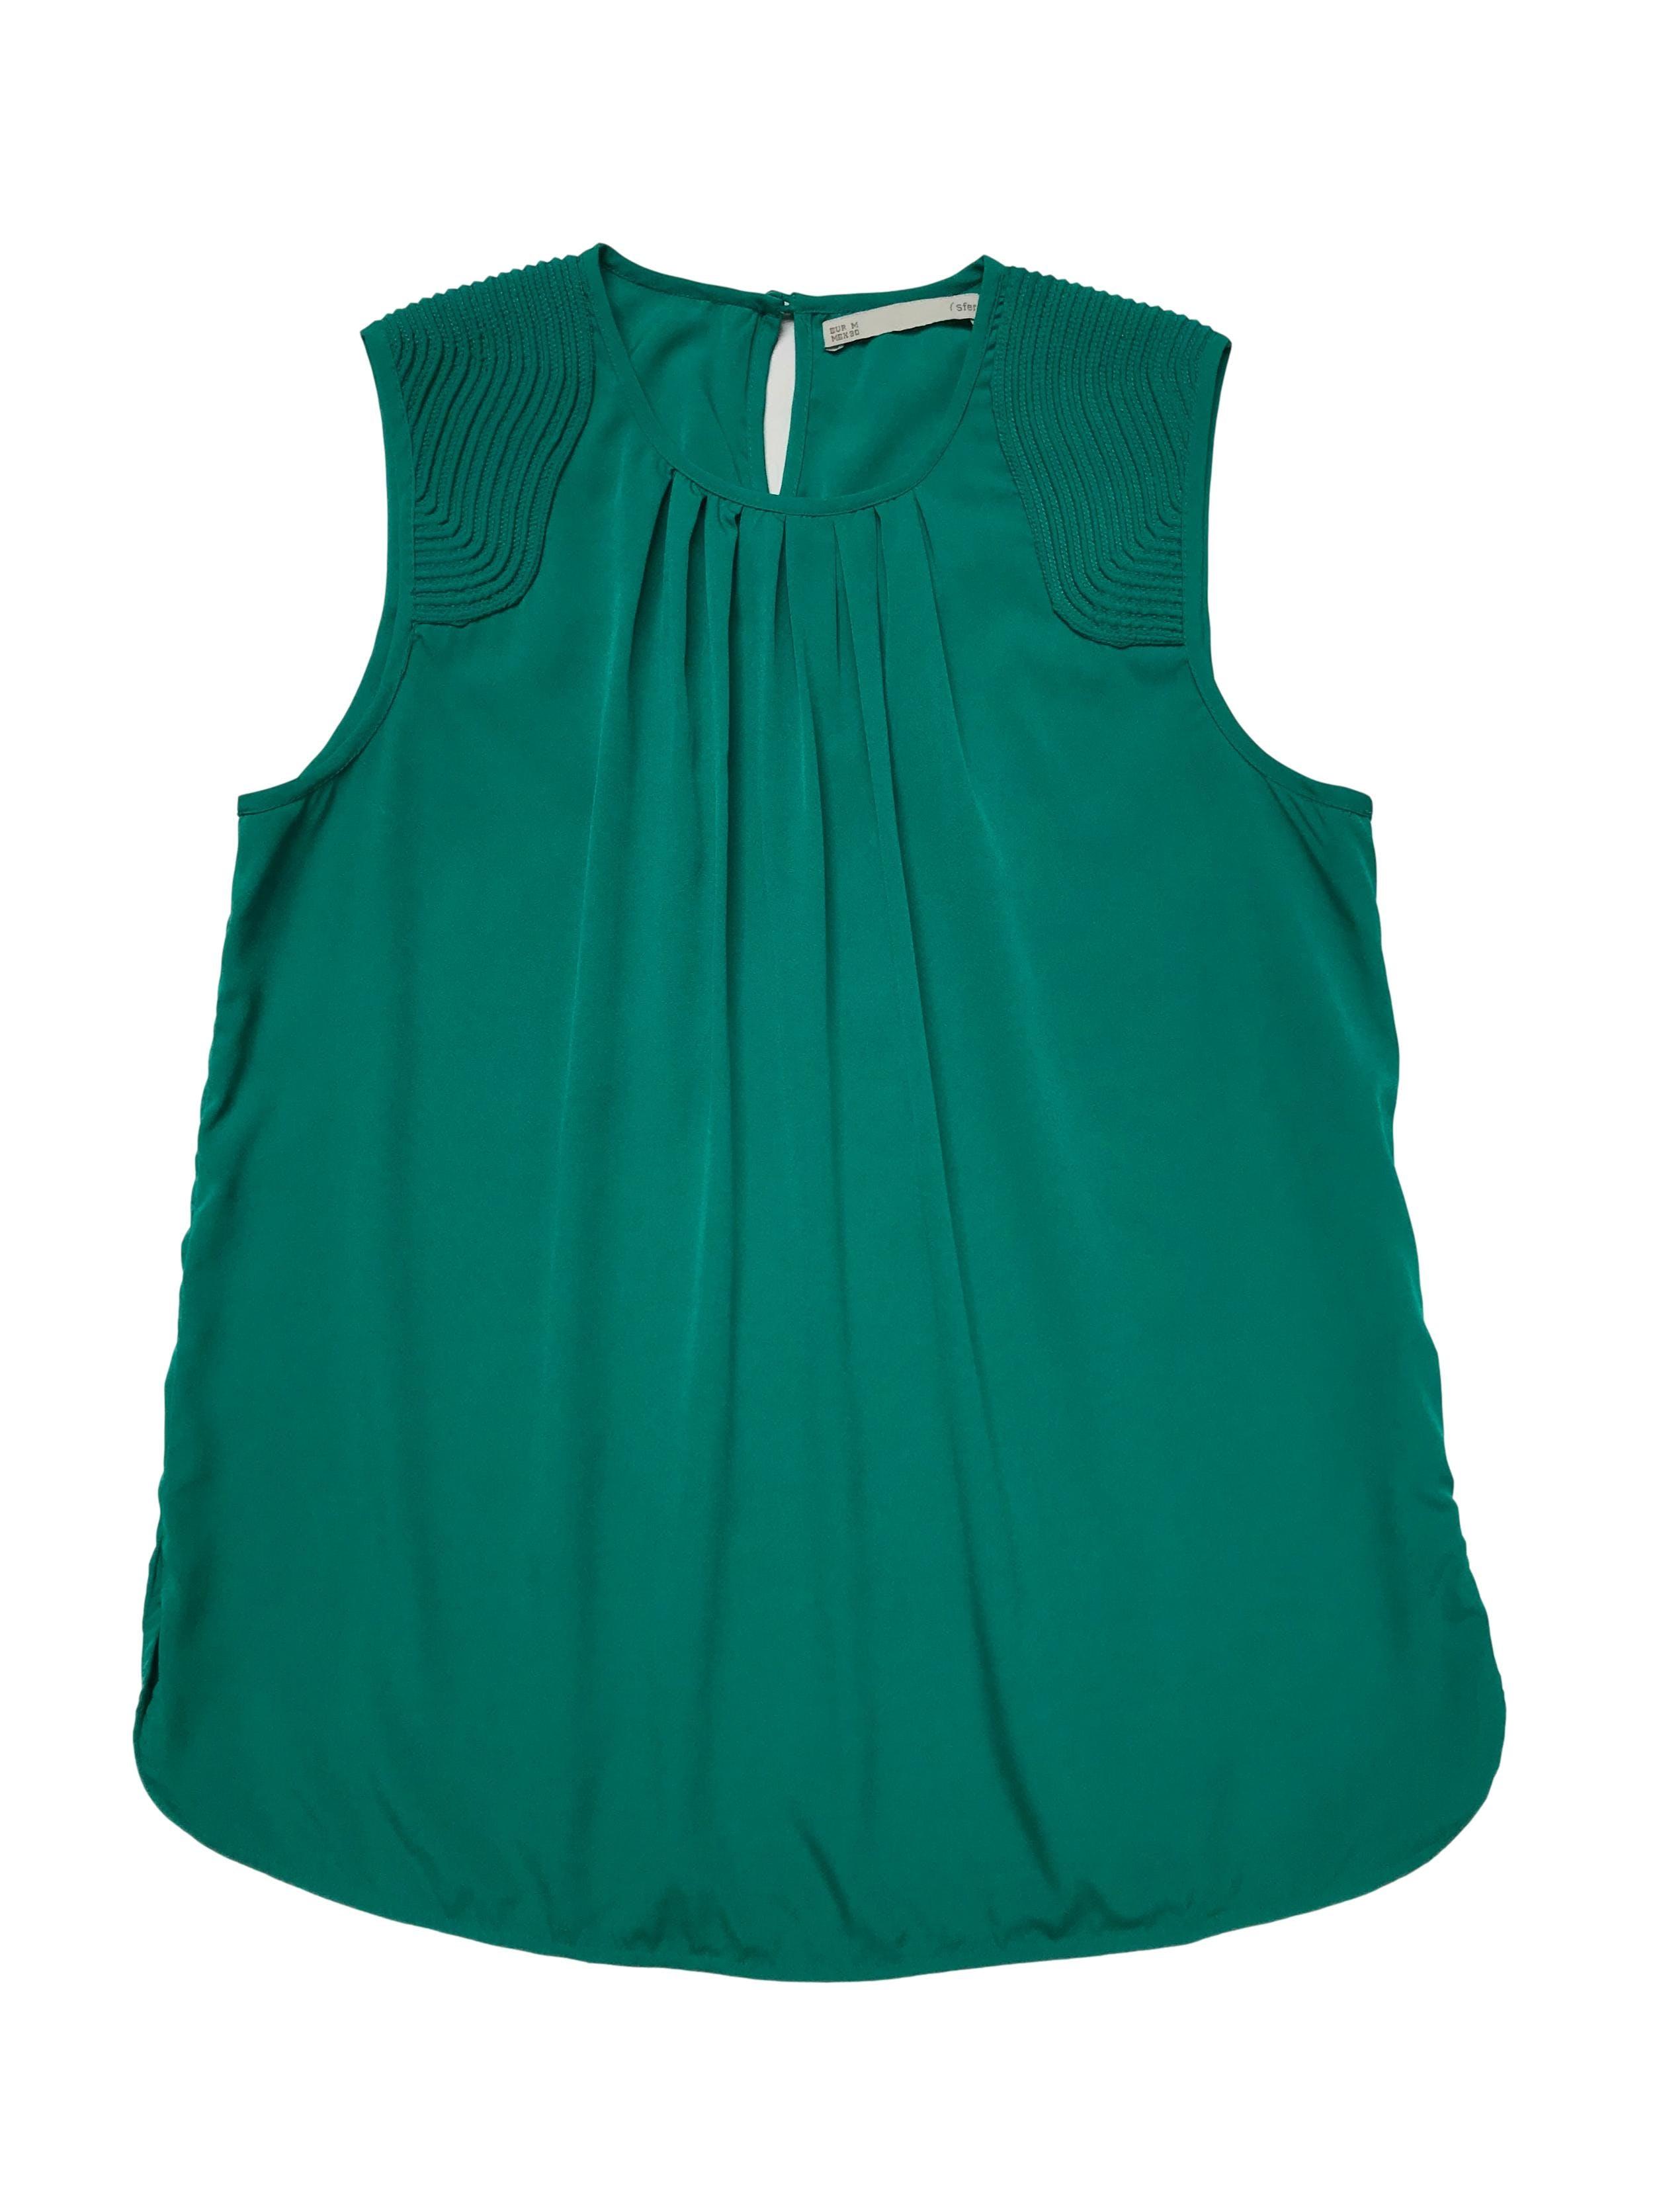 Blusa Sfera verde jade de tela plana con aplicaciones texturadas en los hombros, pliegues en el cuello y botón posterior en el cuello. Busto 100cm Largo 60cm